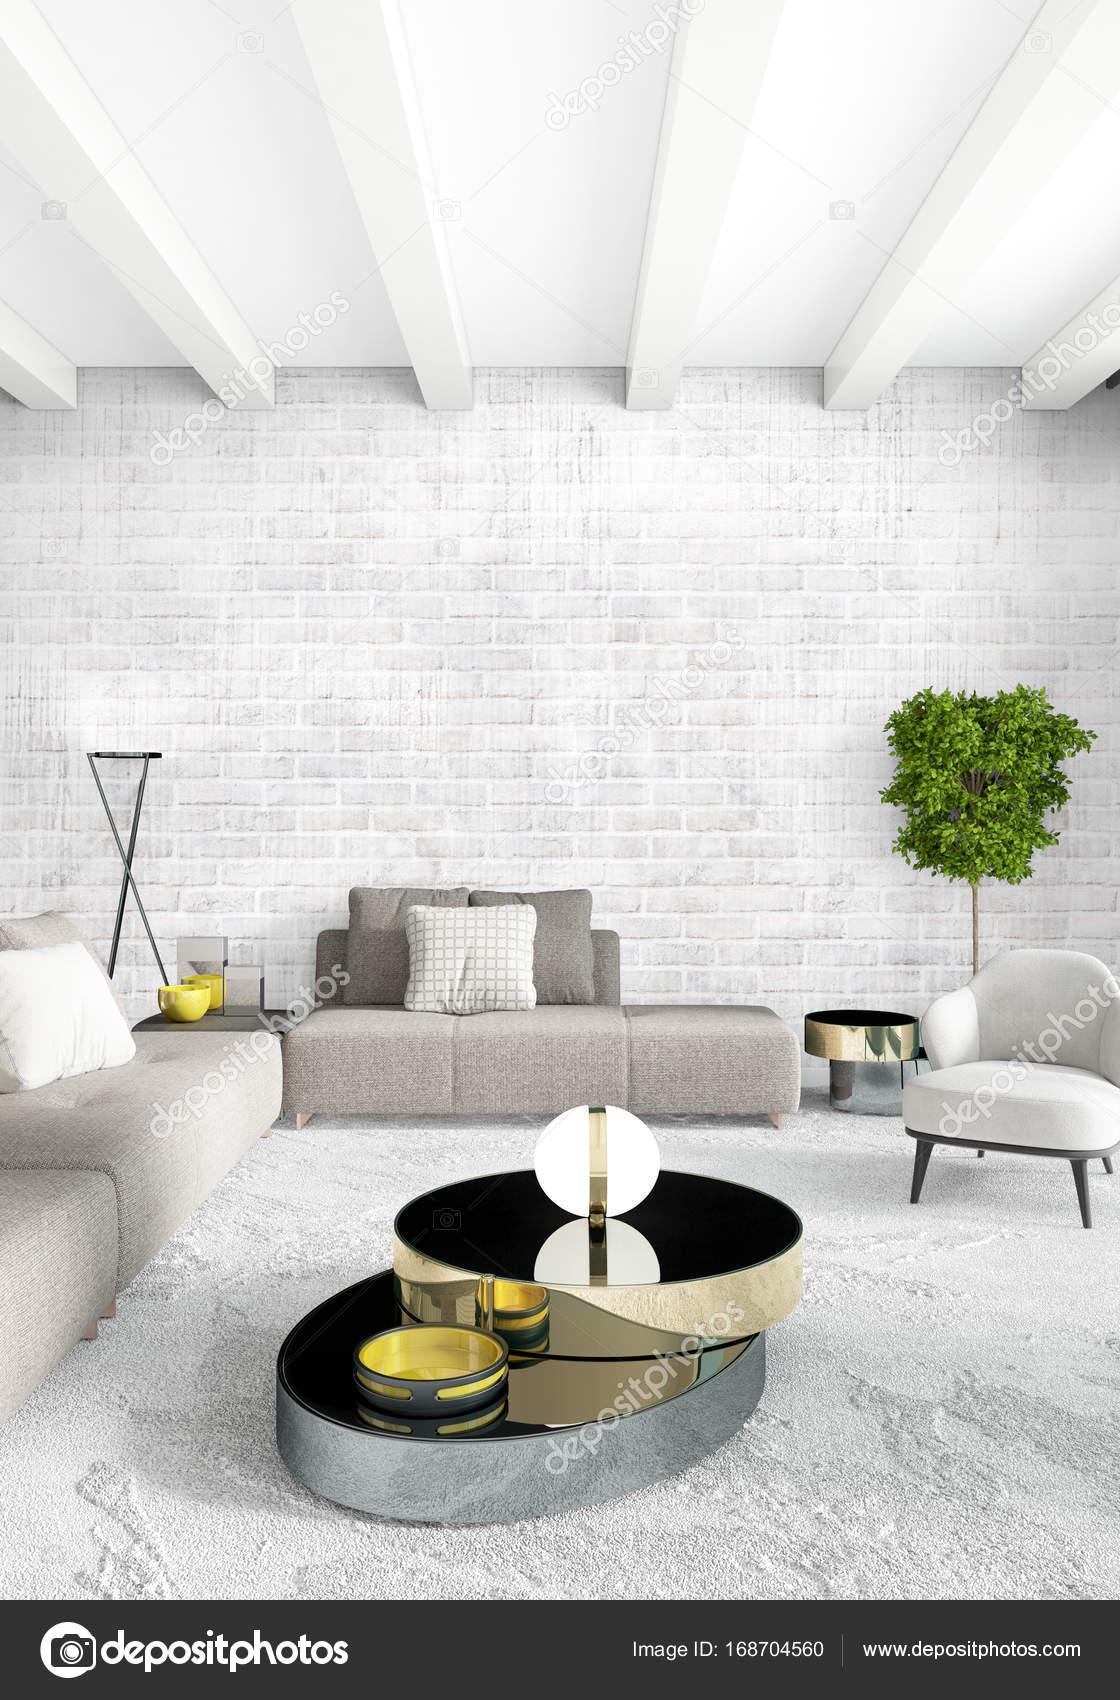 Chambre Loft En Design Du0027intérieur De Style Moderne Avec Paroi Du0027éclectique  Et Canapé élégant. Rendu 3Du2013 Images De Stock Libres De Droits